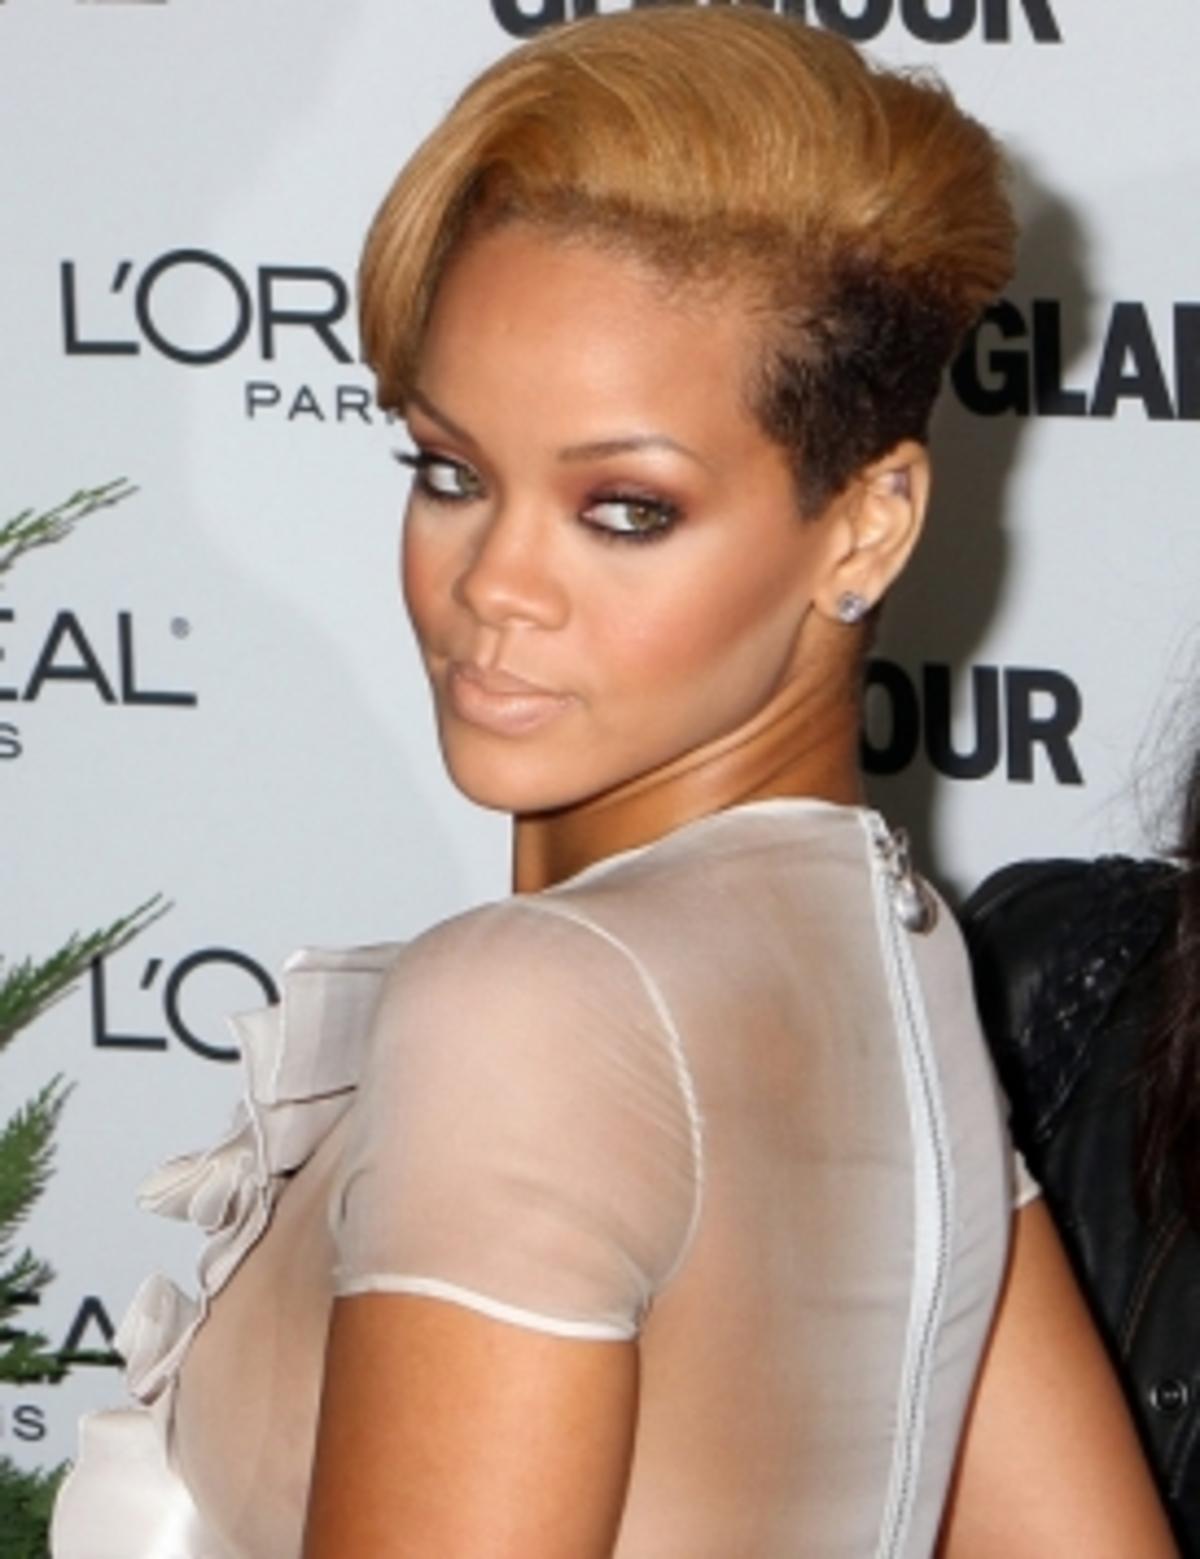 Ποιος έκανε μήνυση στη Rihanna; | Newsit.gr